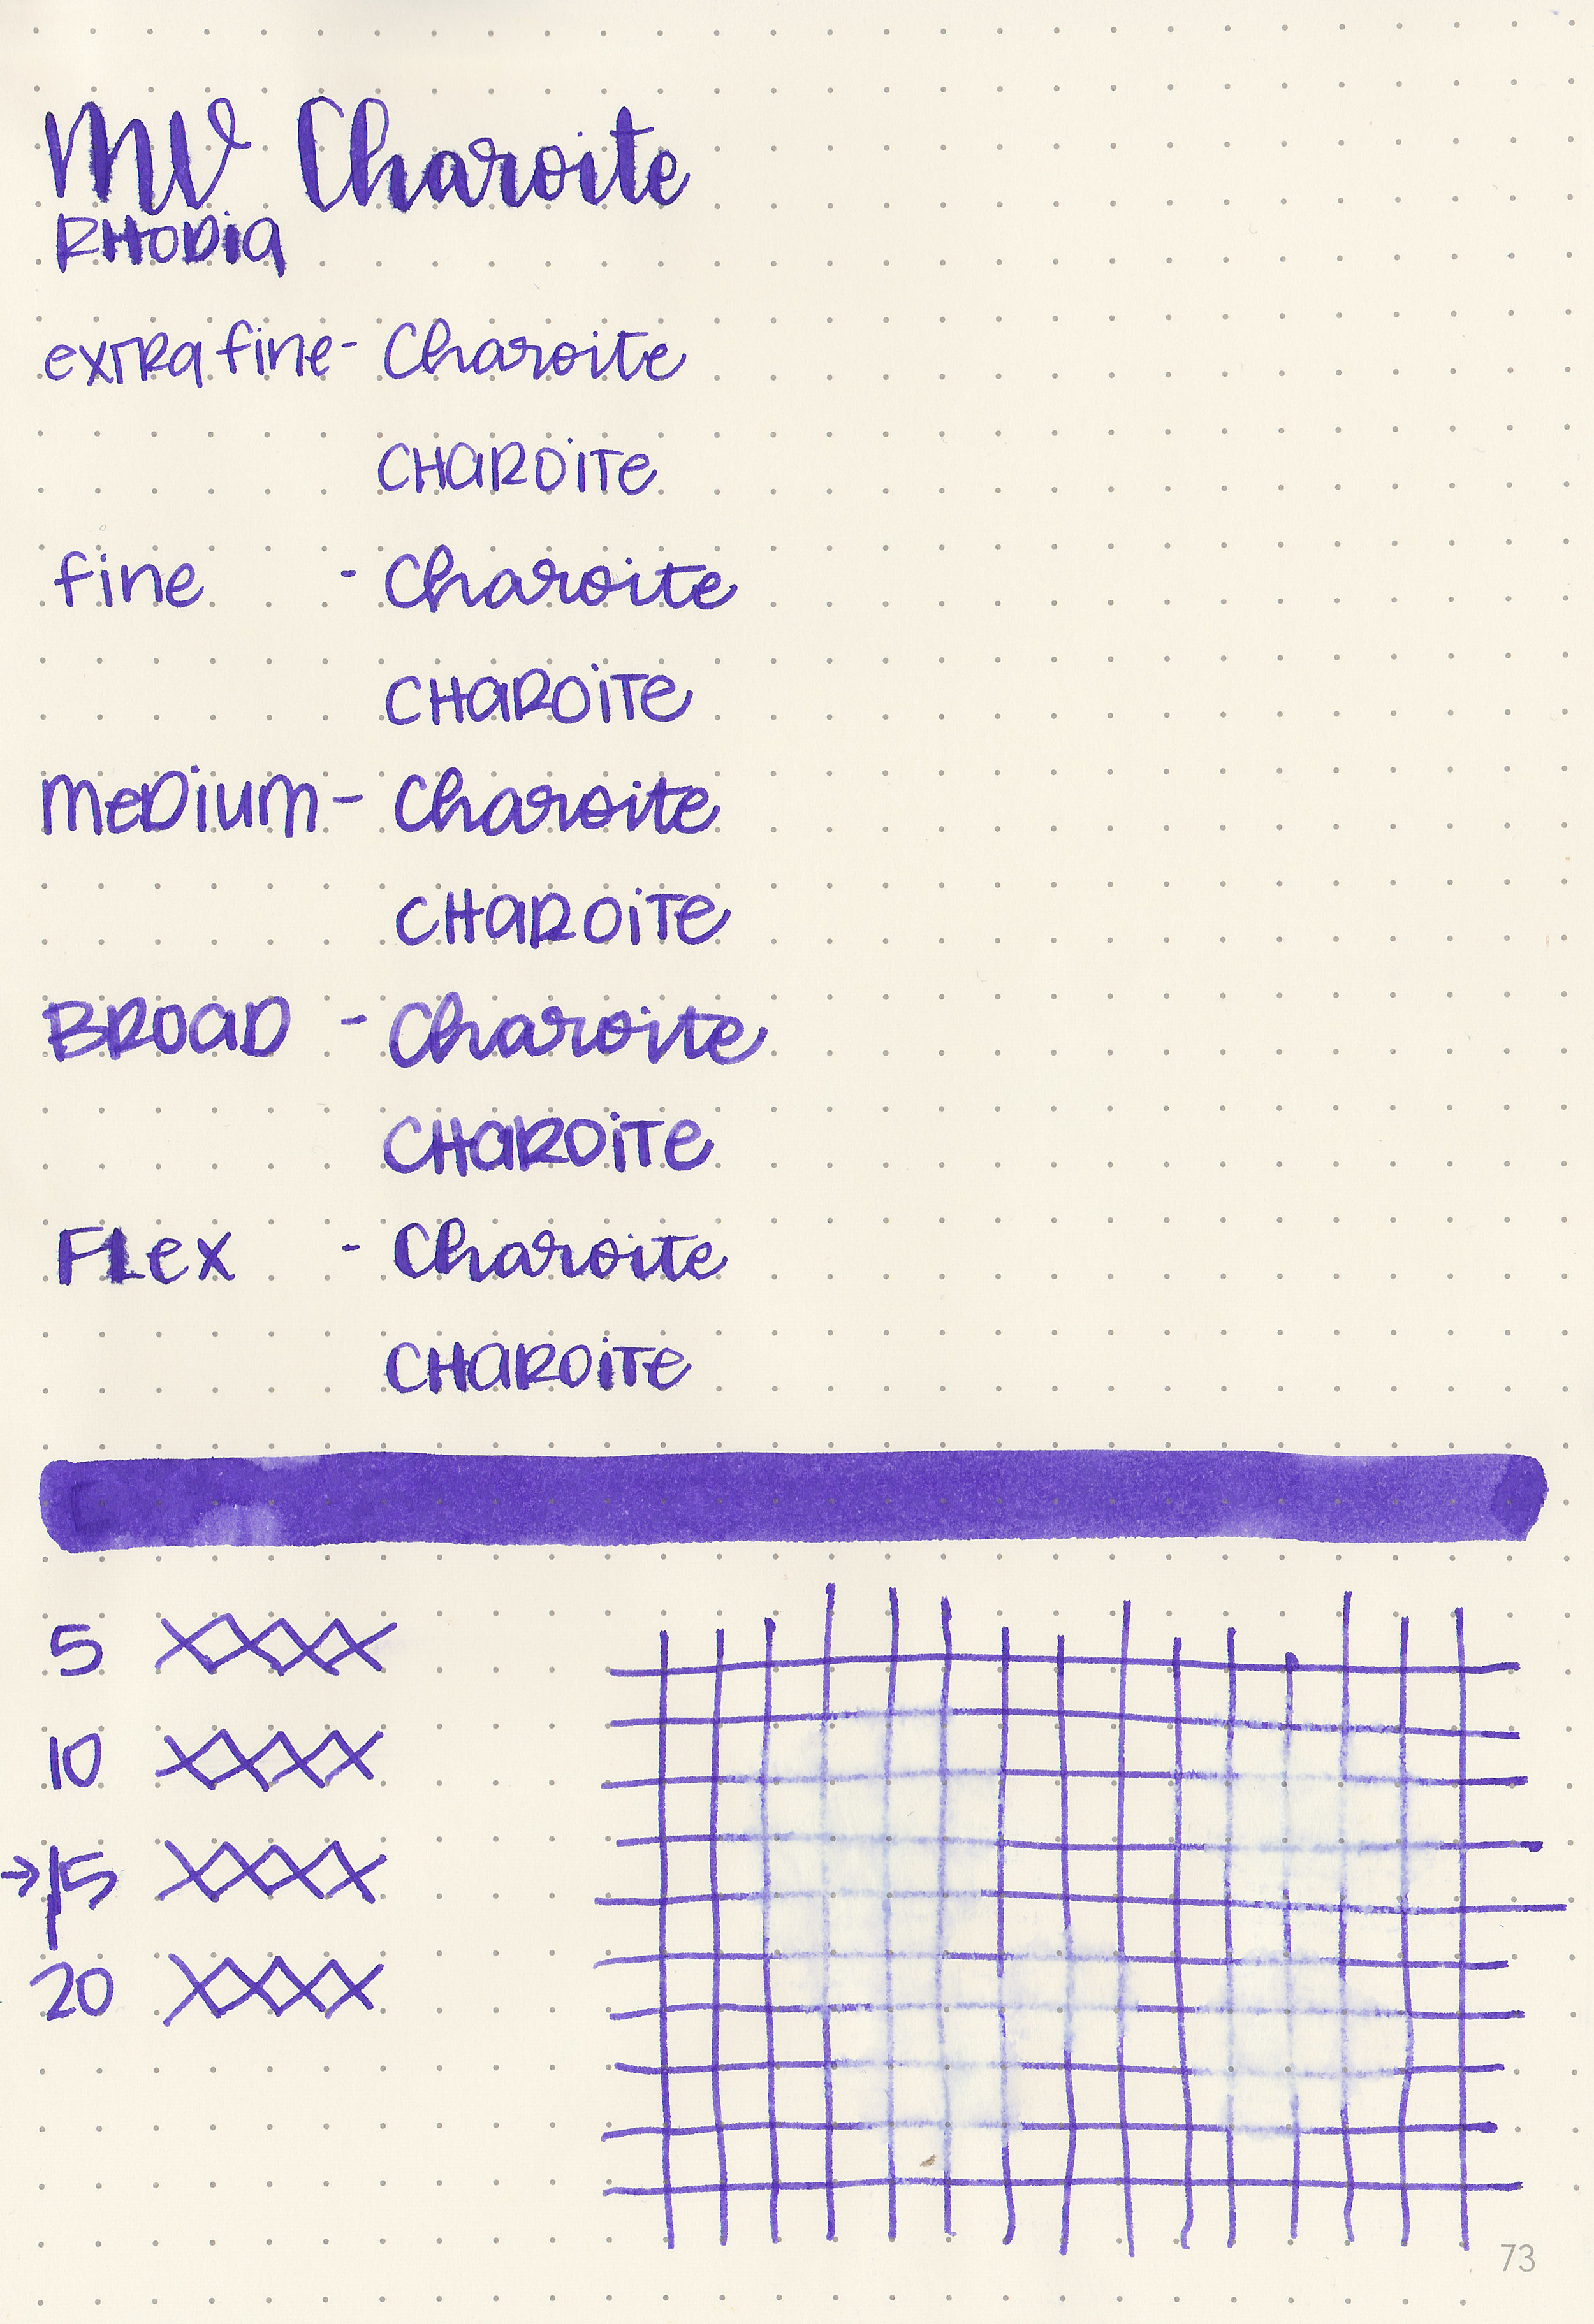 mv-charoite-5.jpg